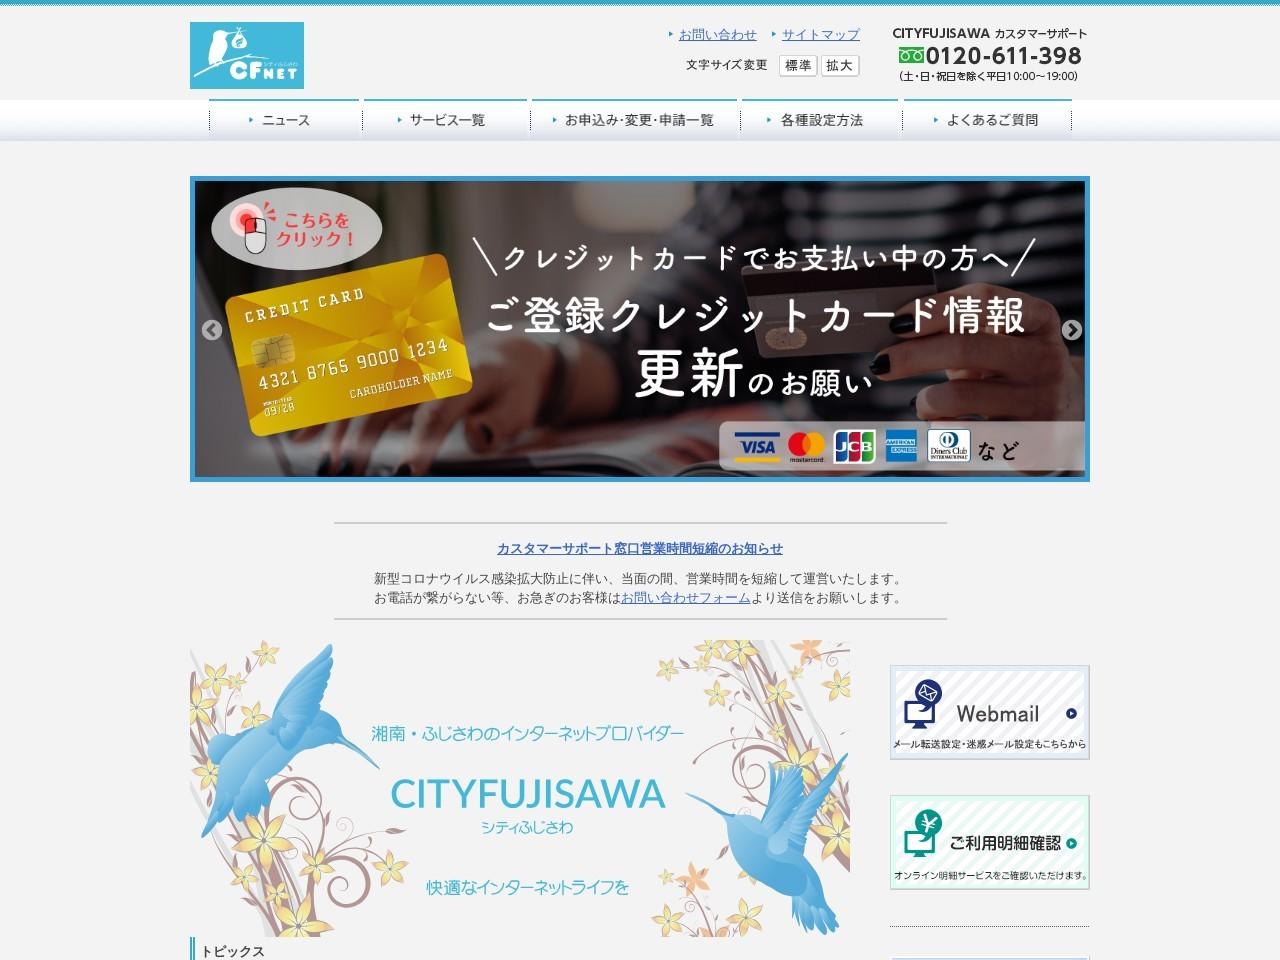 株式会社藤沢市興業公社